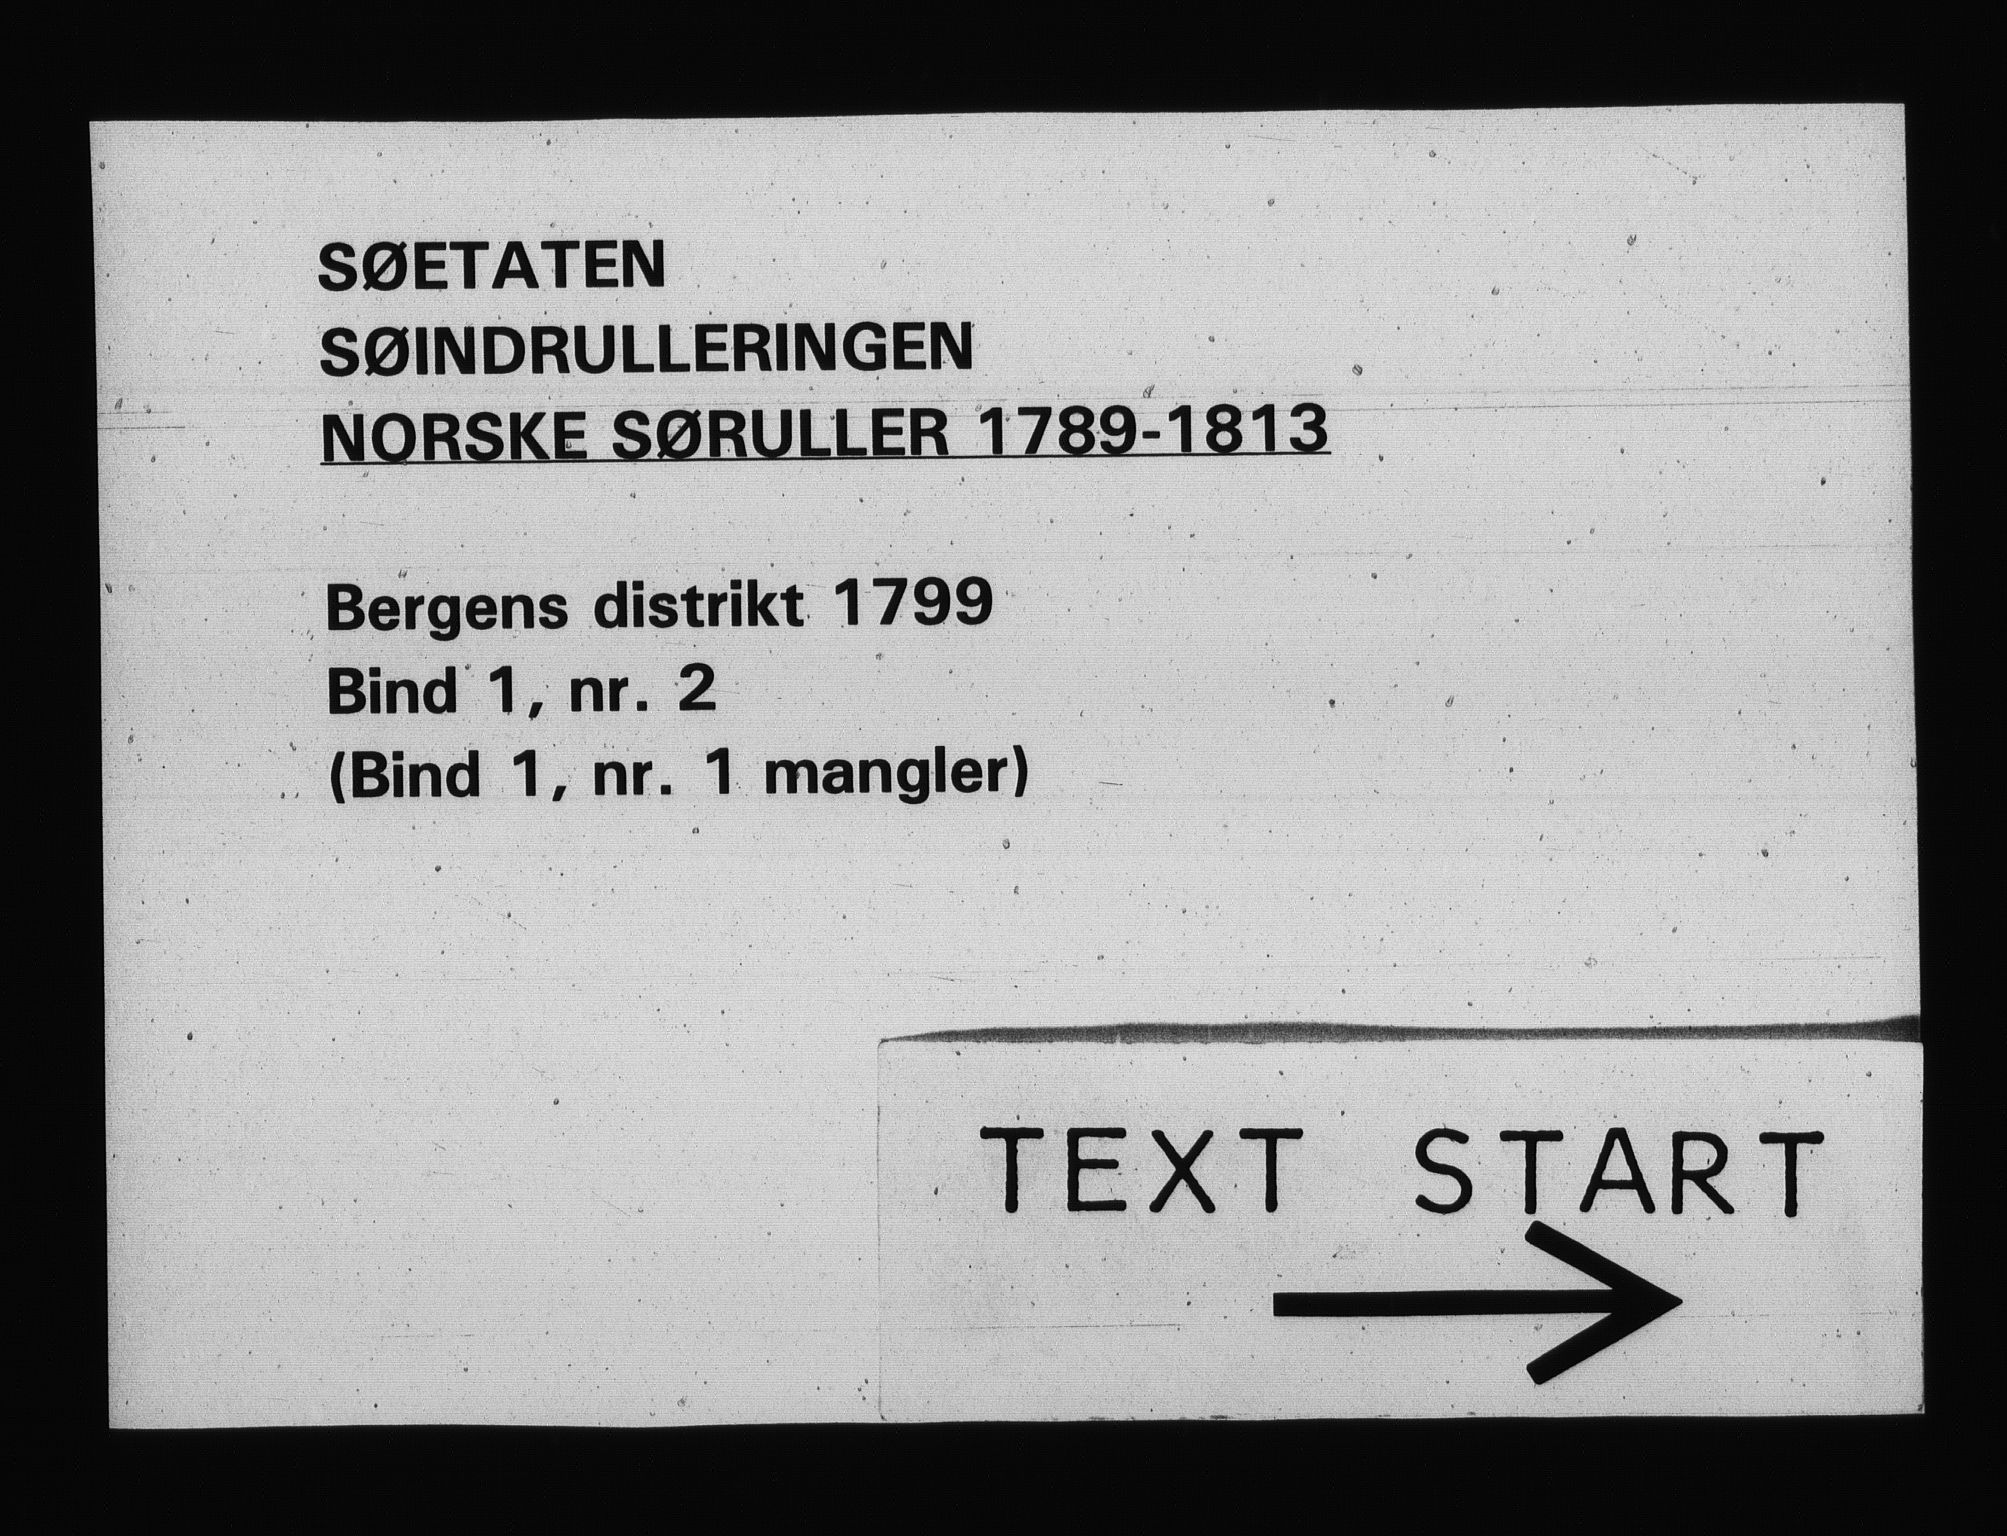 RA, Sjøetaten, F/L0228: Bergen distrikt, bind 1, nr. 2, 1799